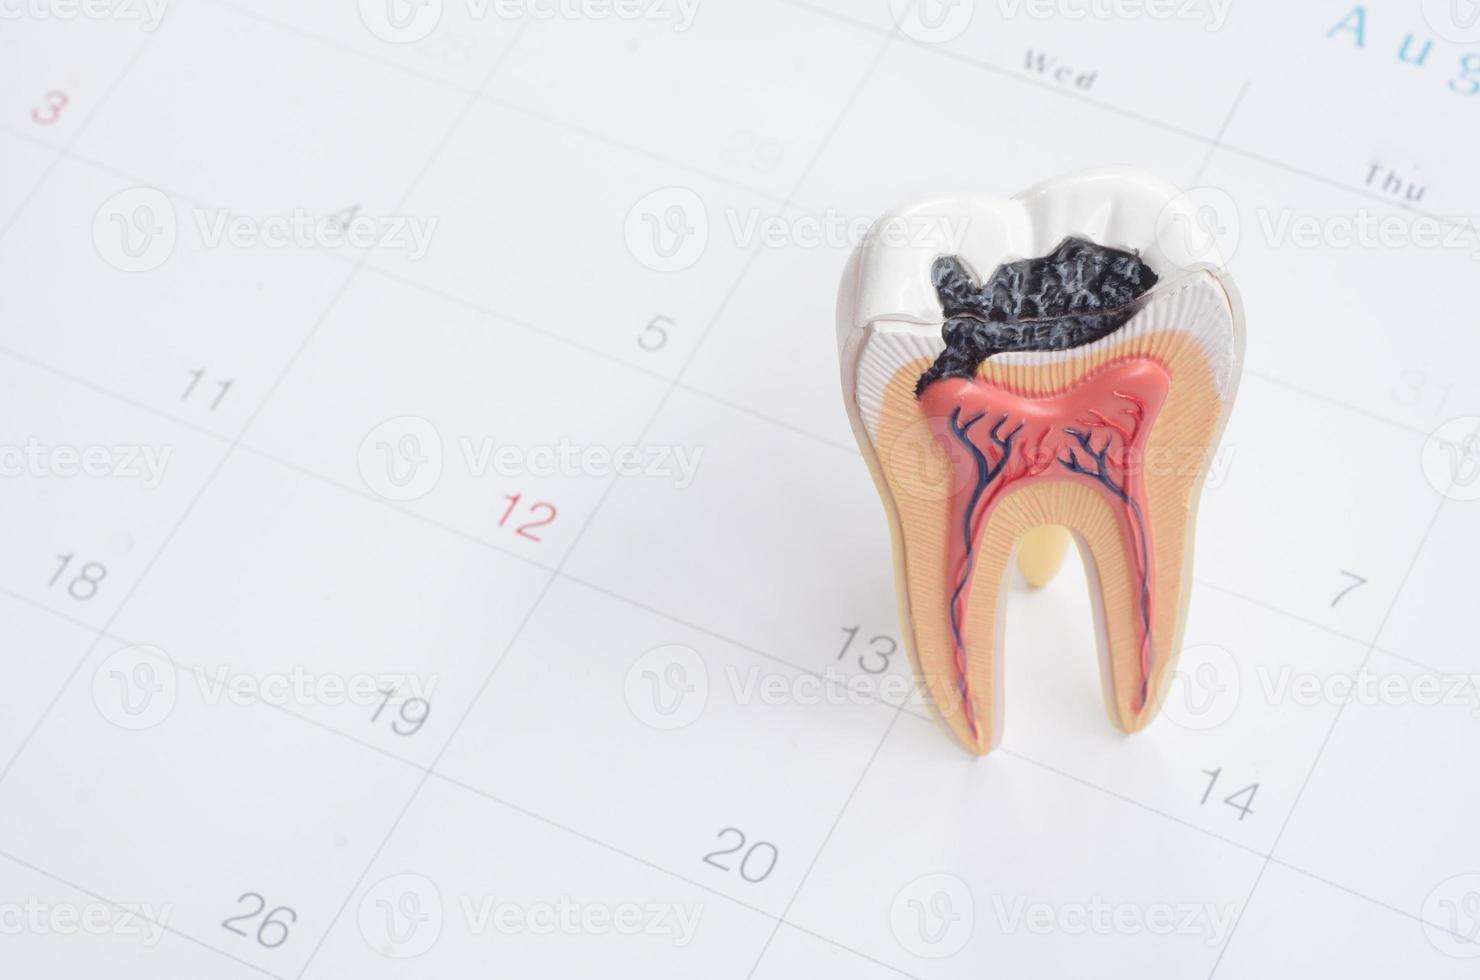 anteckning om tandläkarmöte på kalendern foto